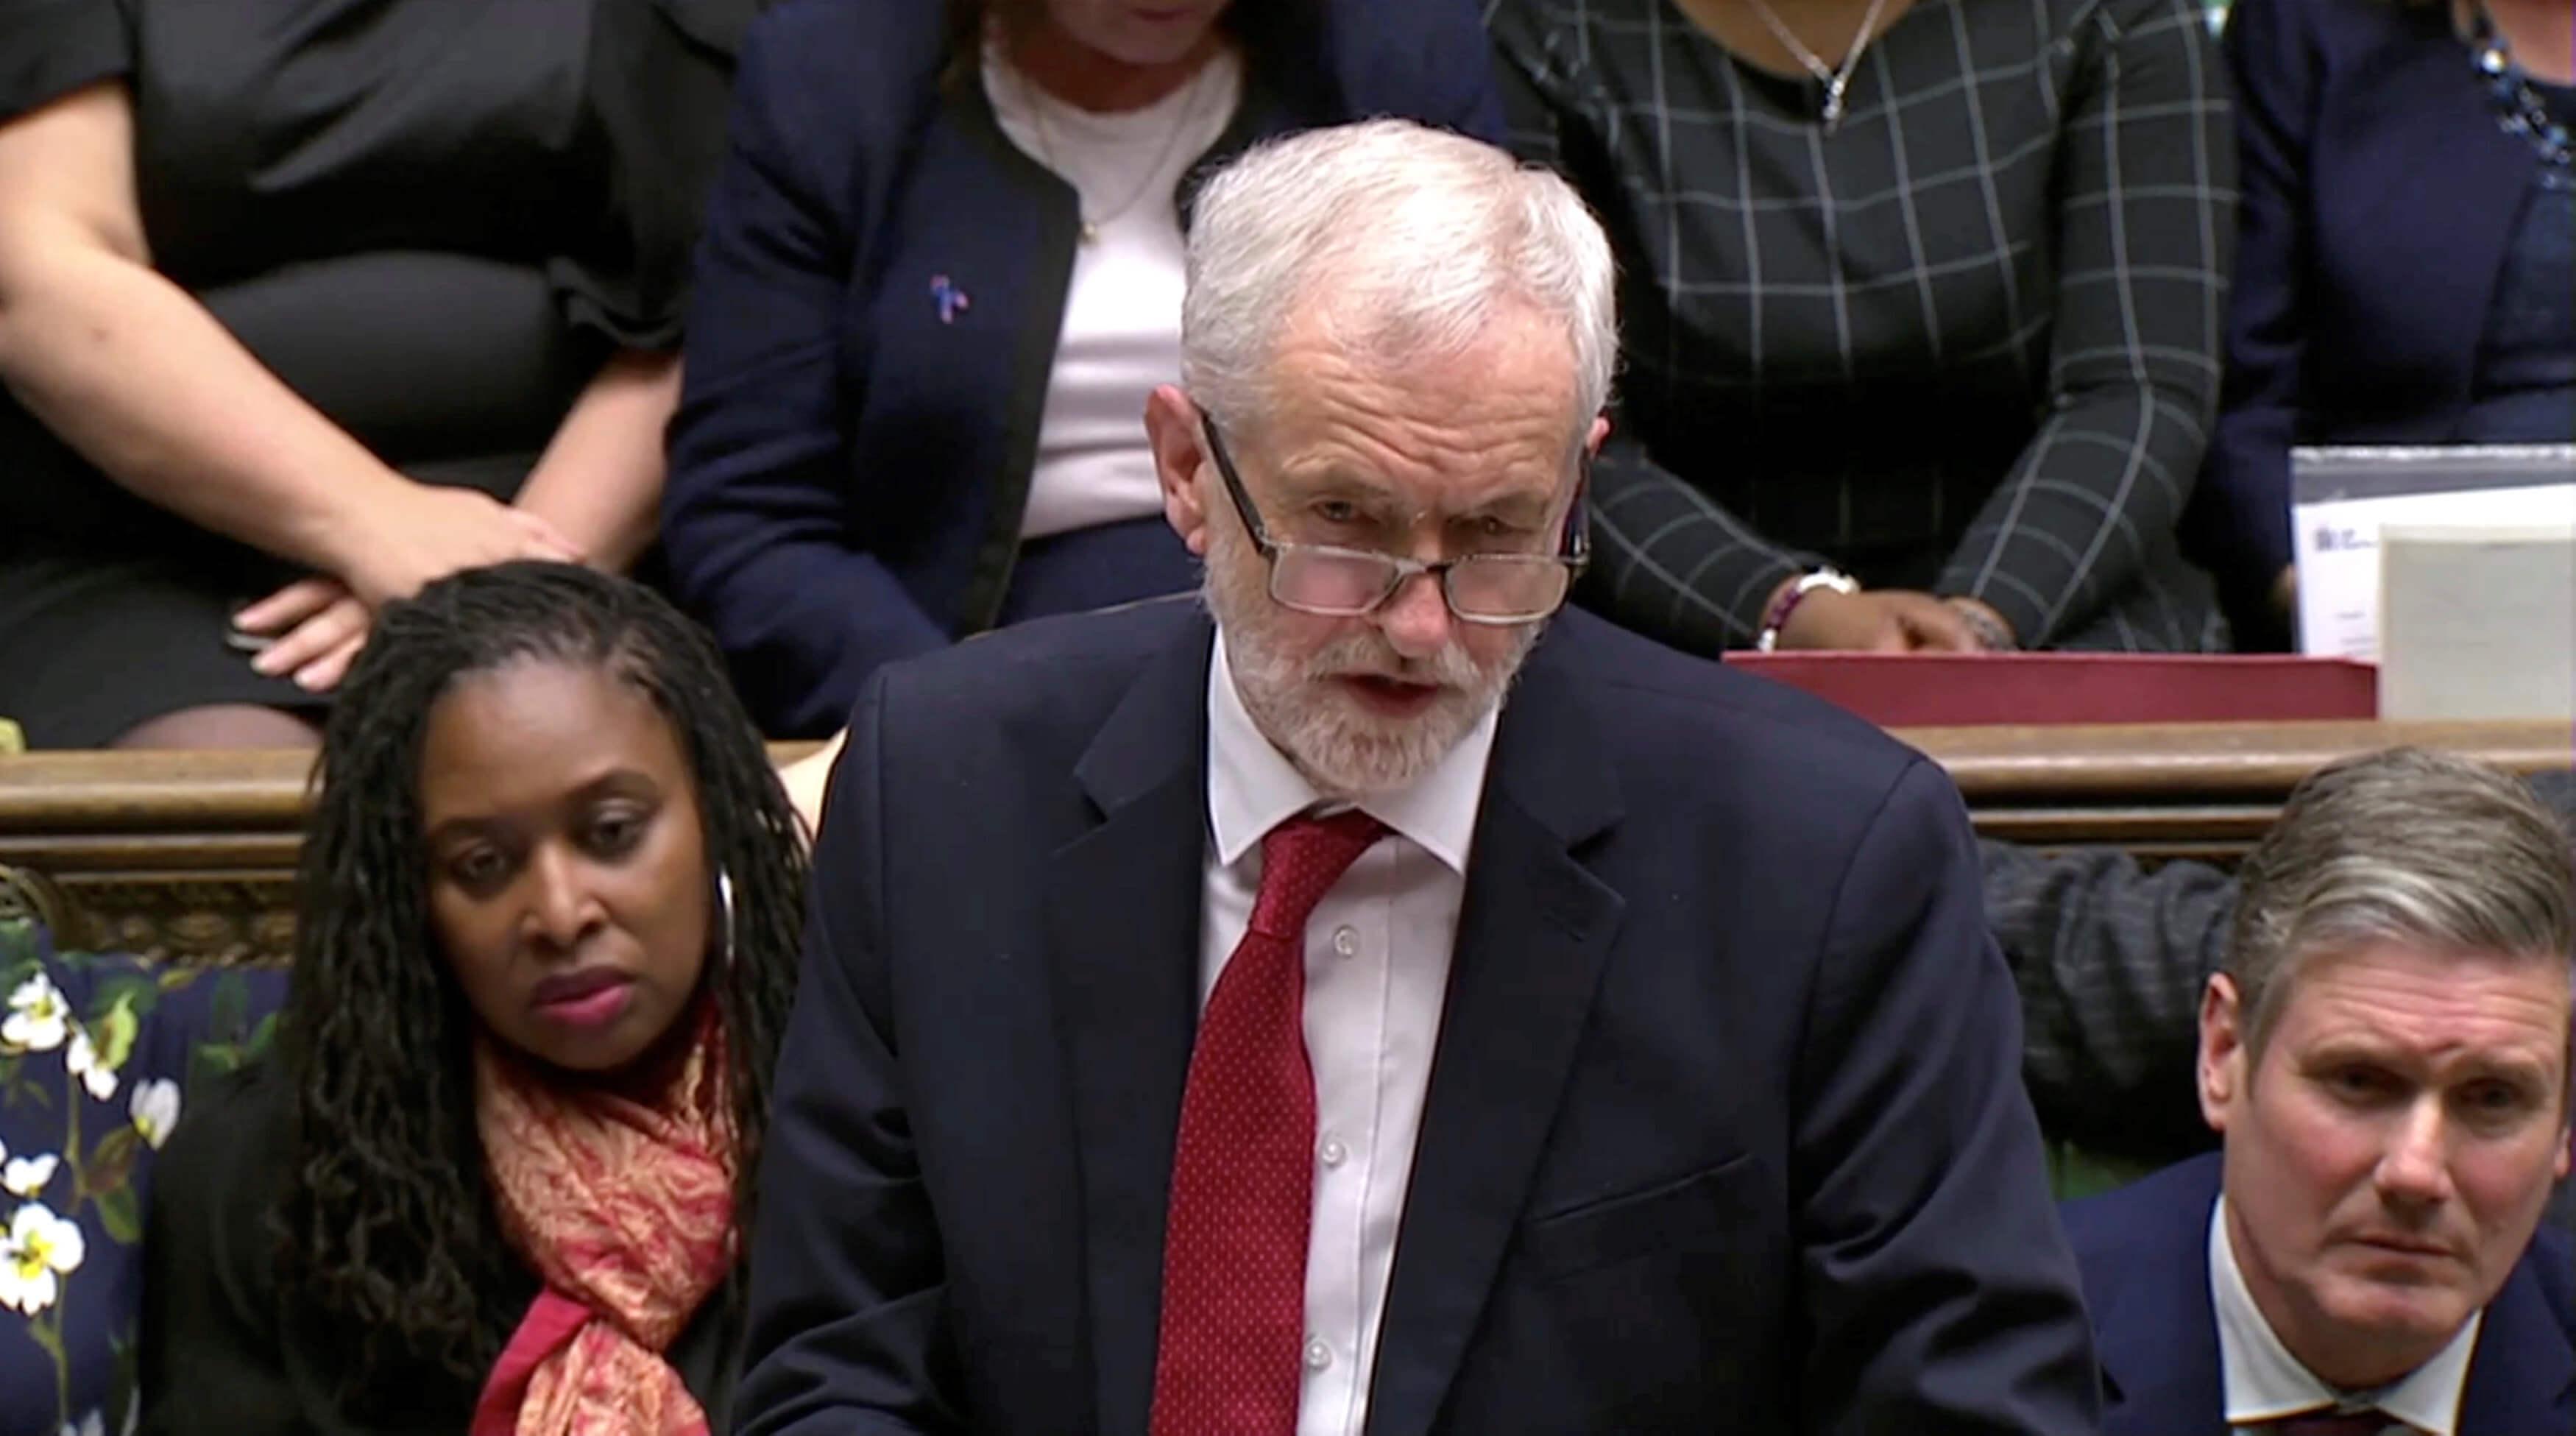 Τρίμηνη αναβολή του Brexit ζήτησε ο πρόεδρος των Εργατικών, Τζέρεμι Κόρμπιν